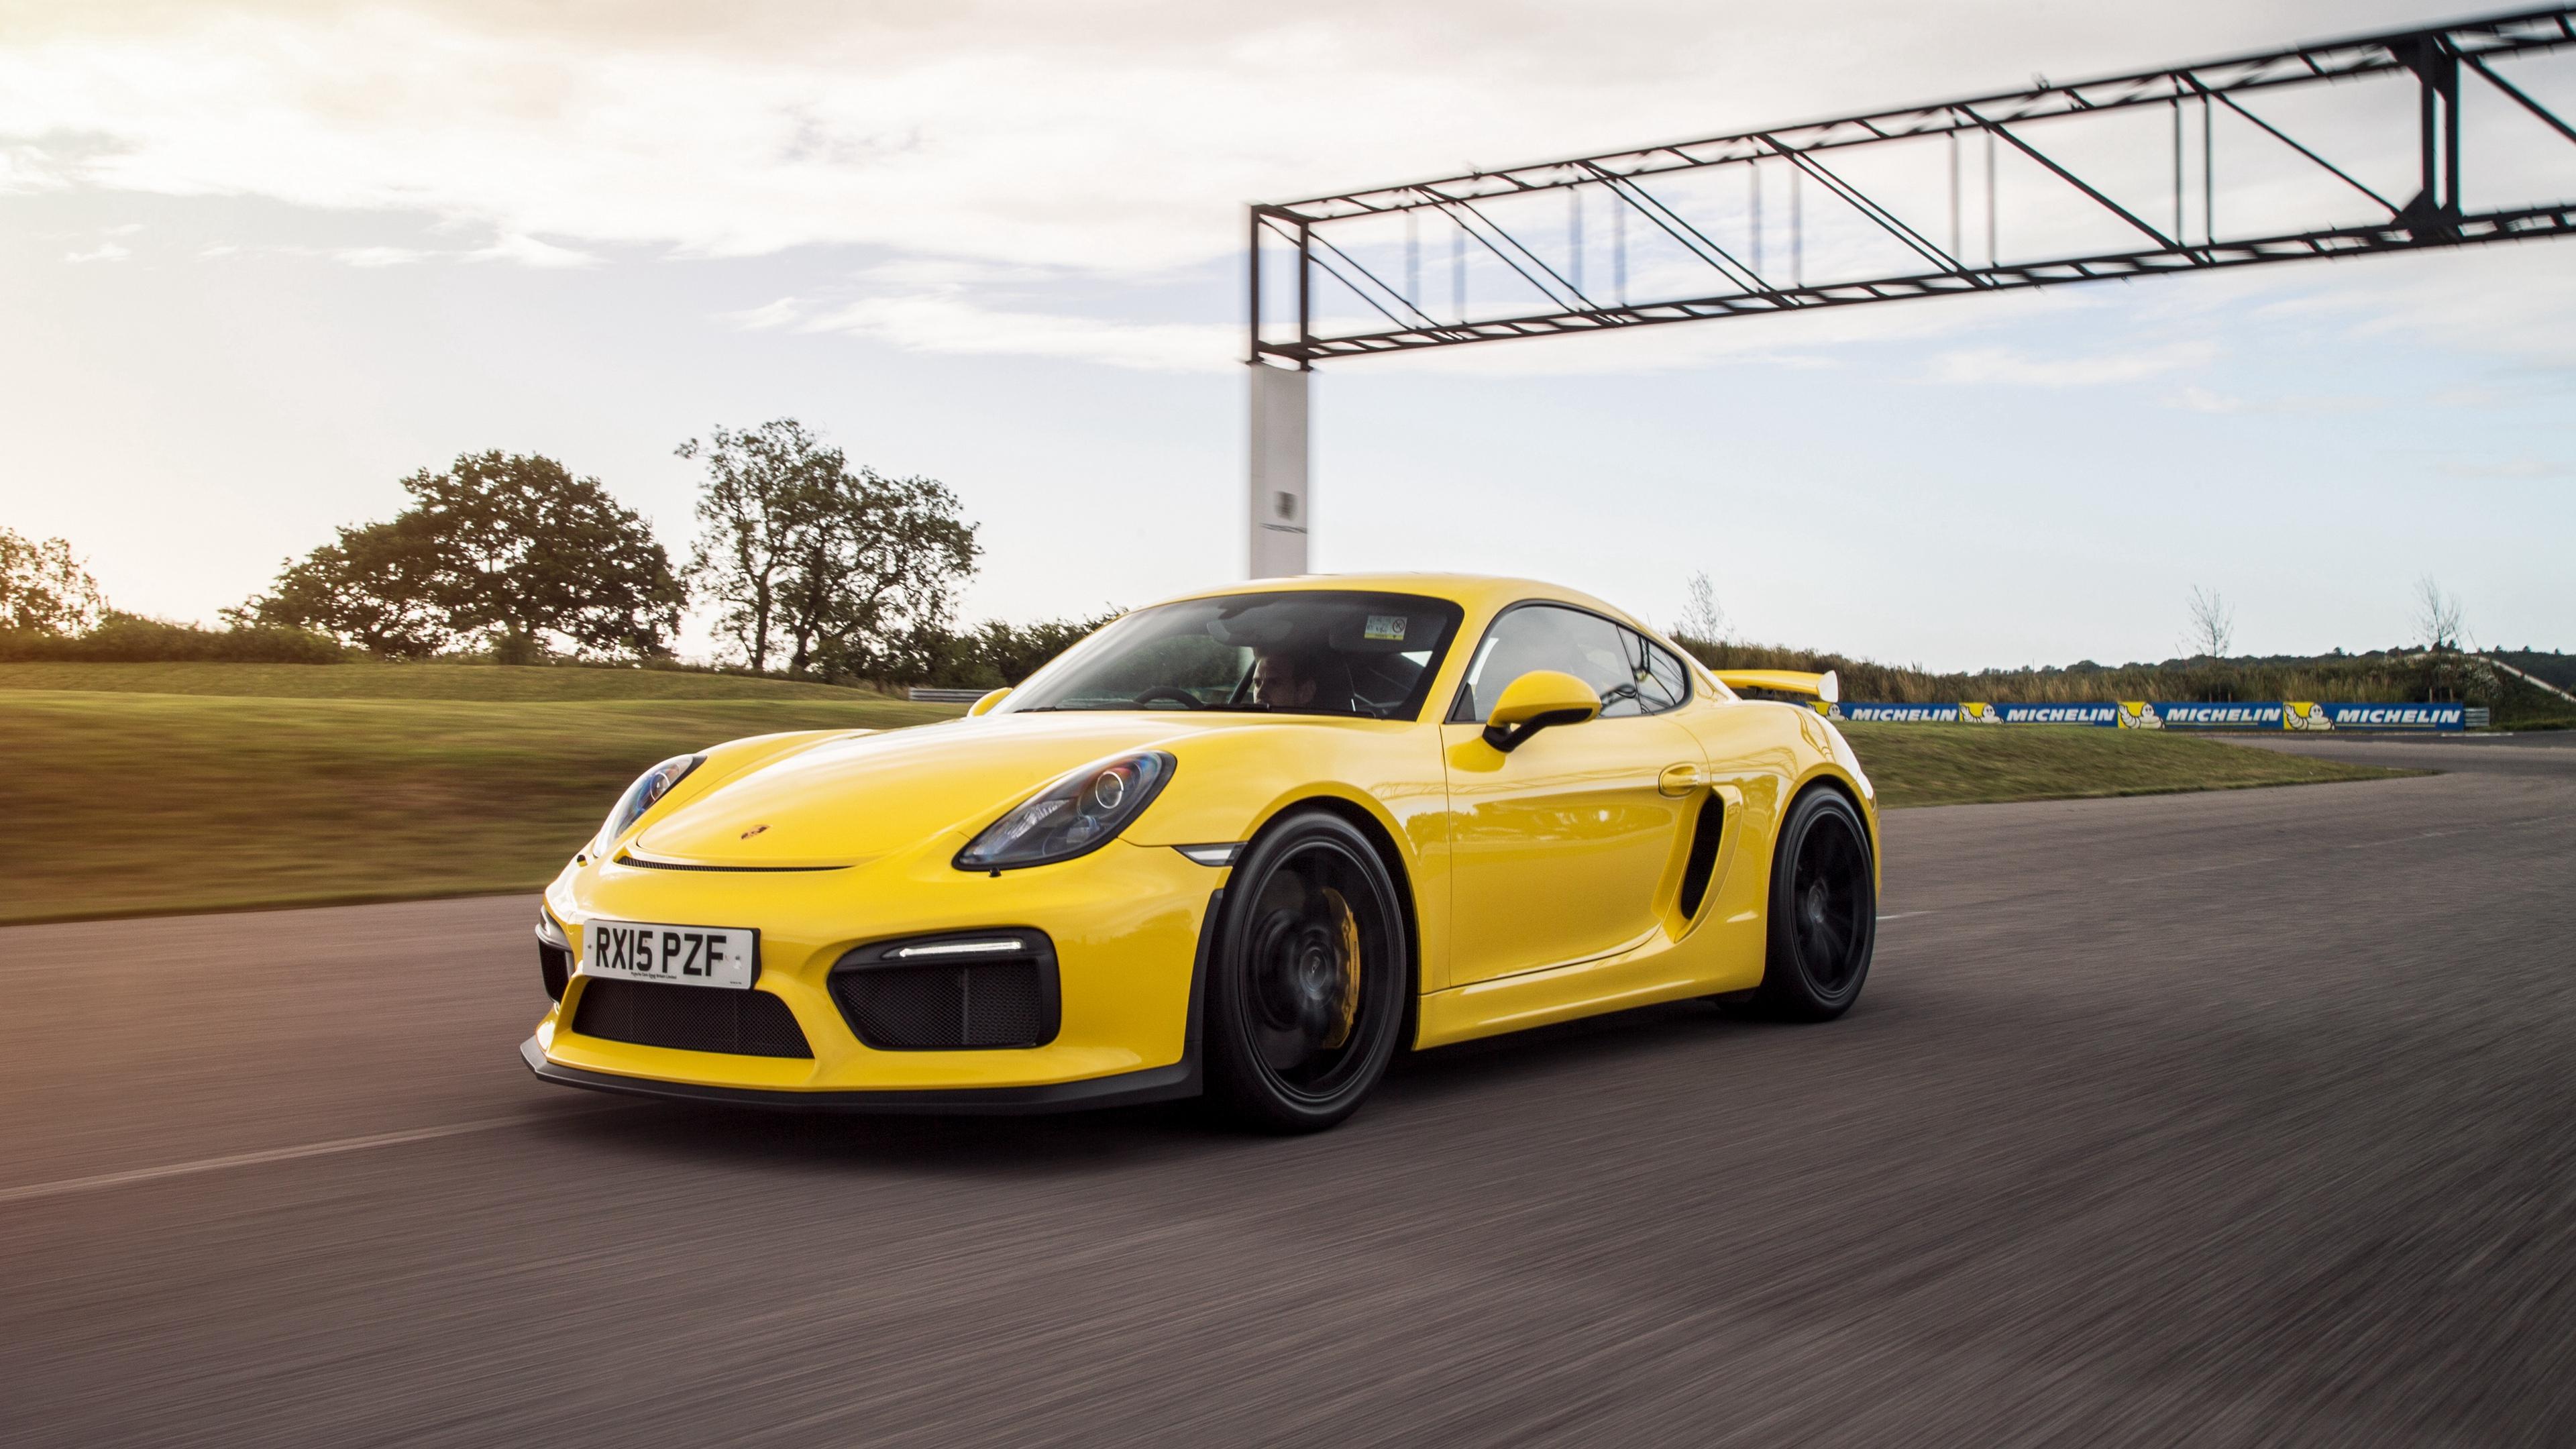 porsche cayman gt4 yellow side view 4k 1538935304 - porsche, cayman, gt4, yellow, side view 4k - Porsche, GT4, cayman